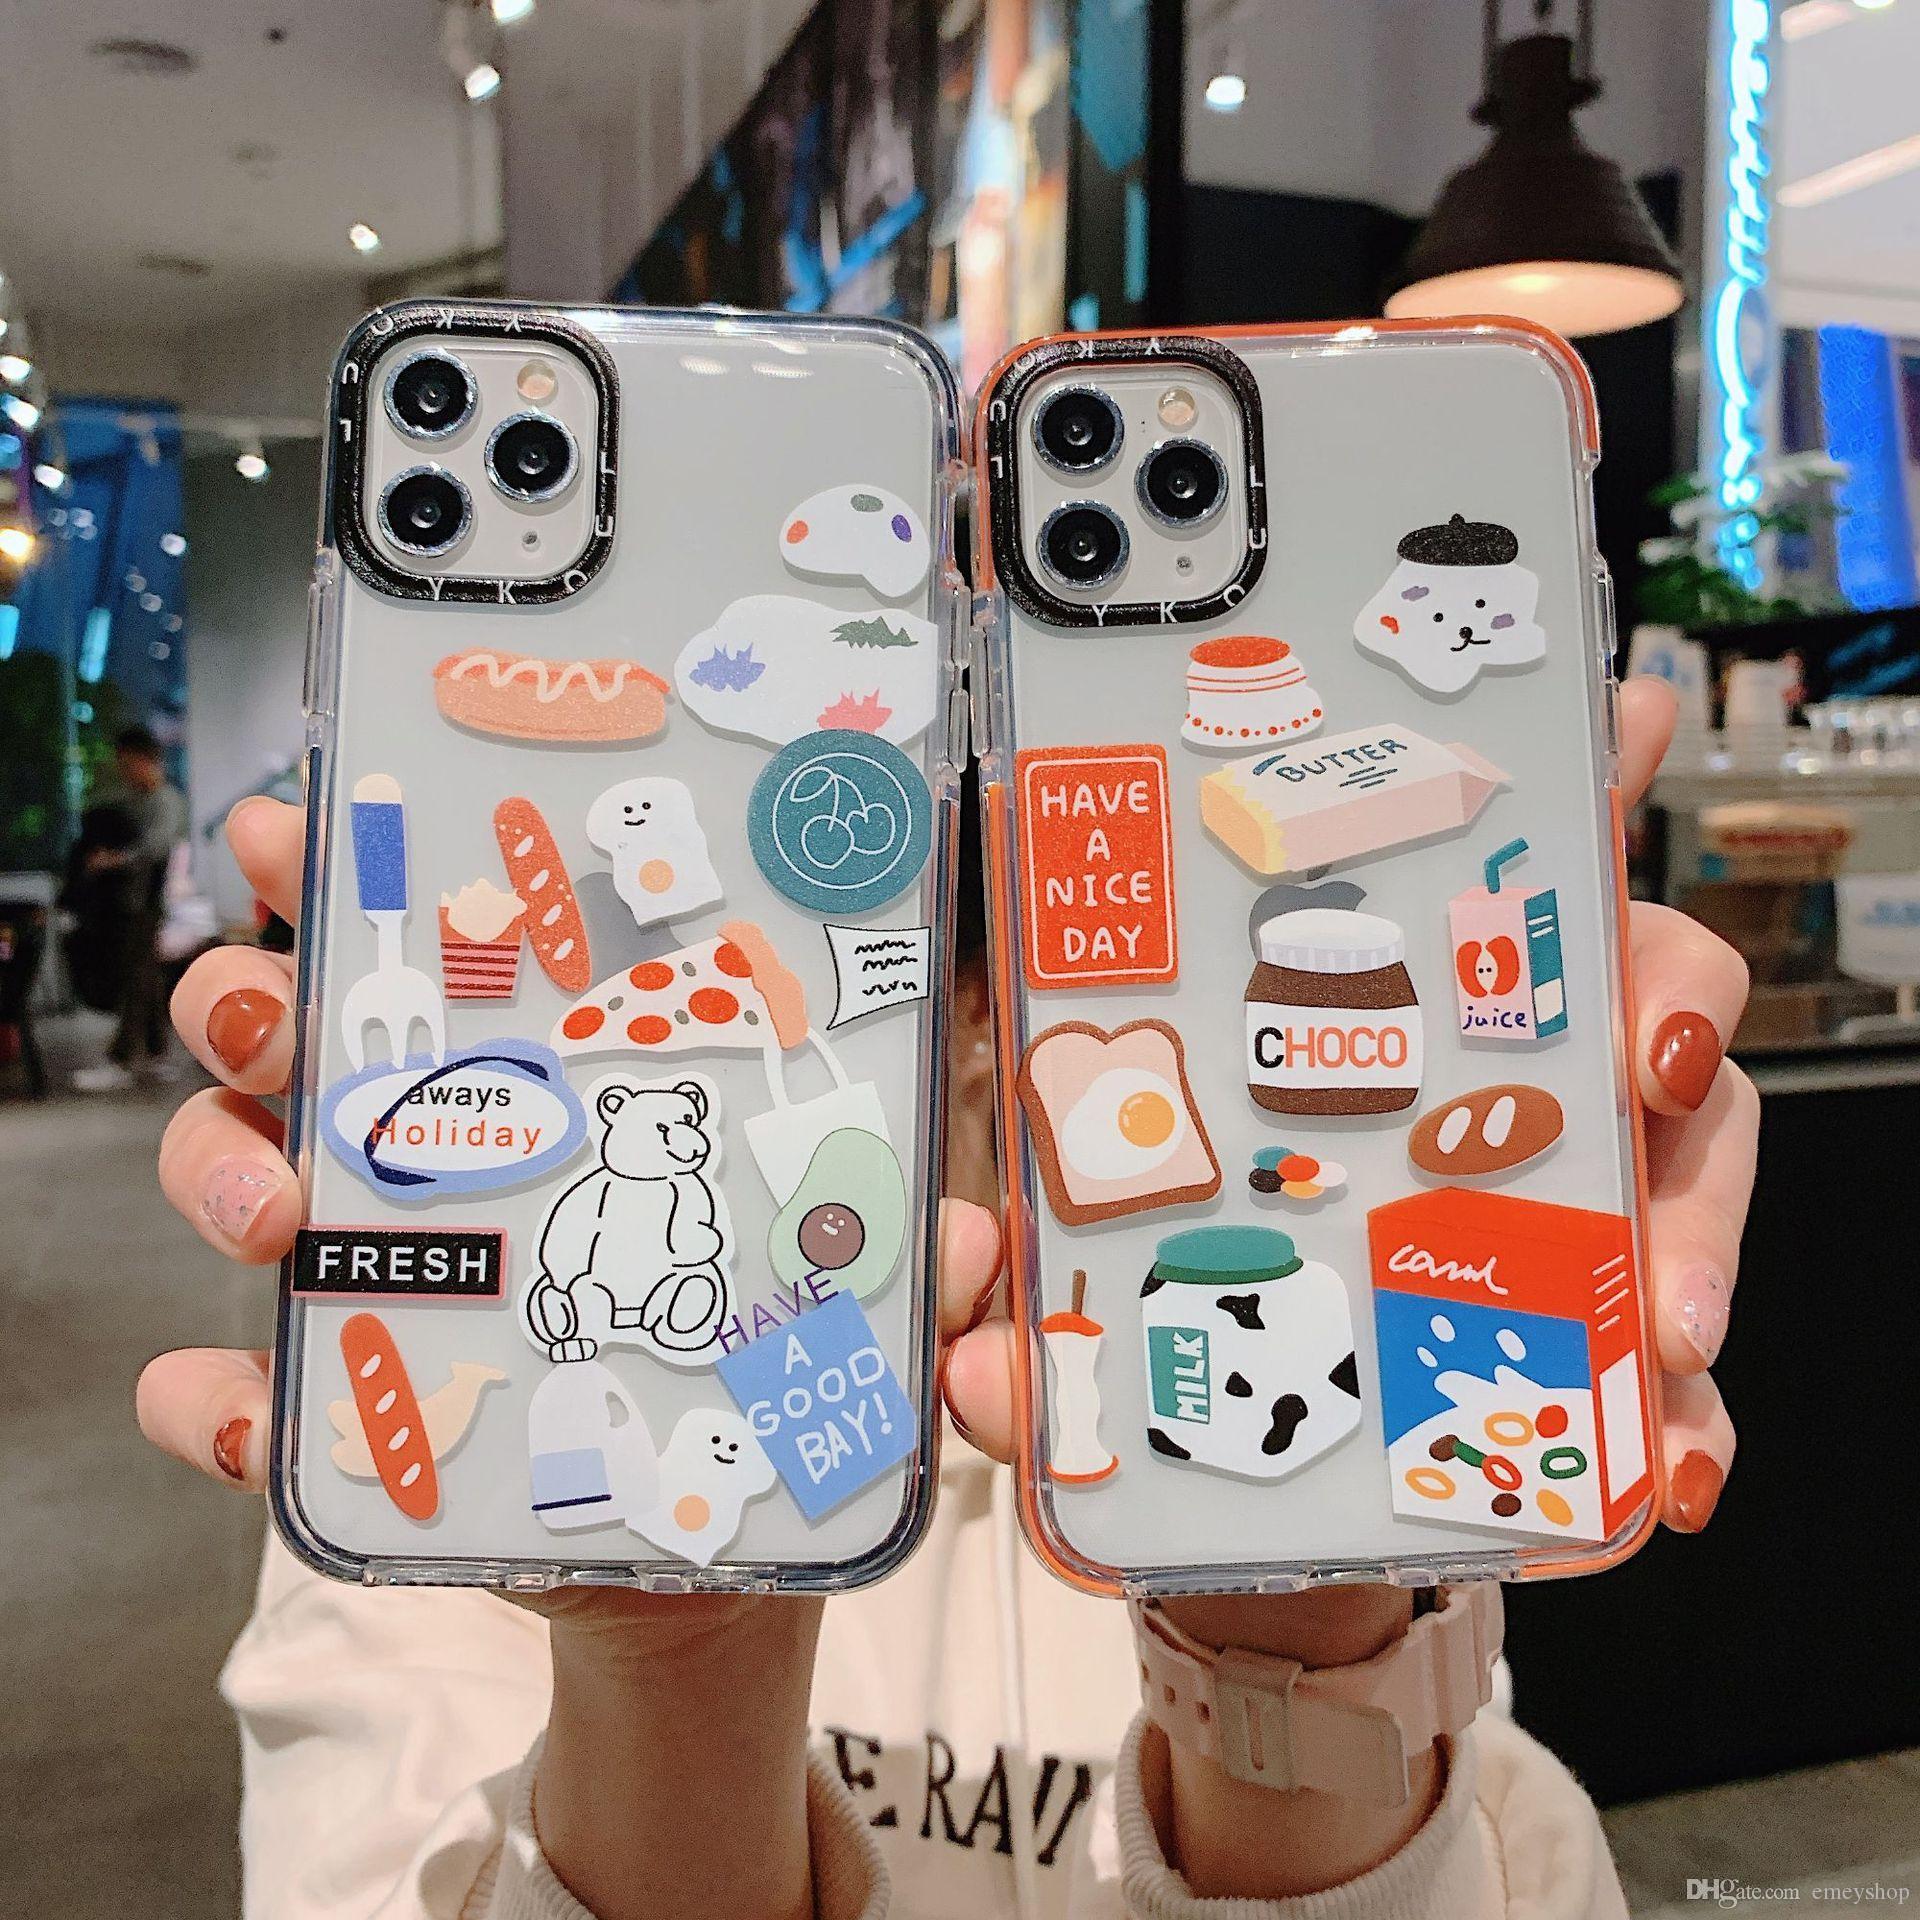 Luxo bonito macio dos desenhos animados do telefone de TPU para iphone XS MAX XR Coque para iphone 12 11 pro max 7 8 Plus Sesame Street tampa transparente